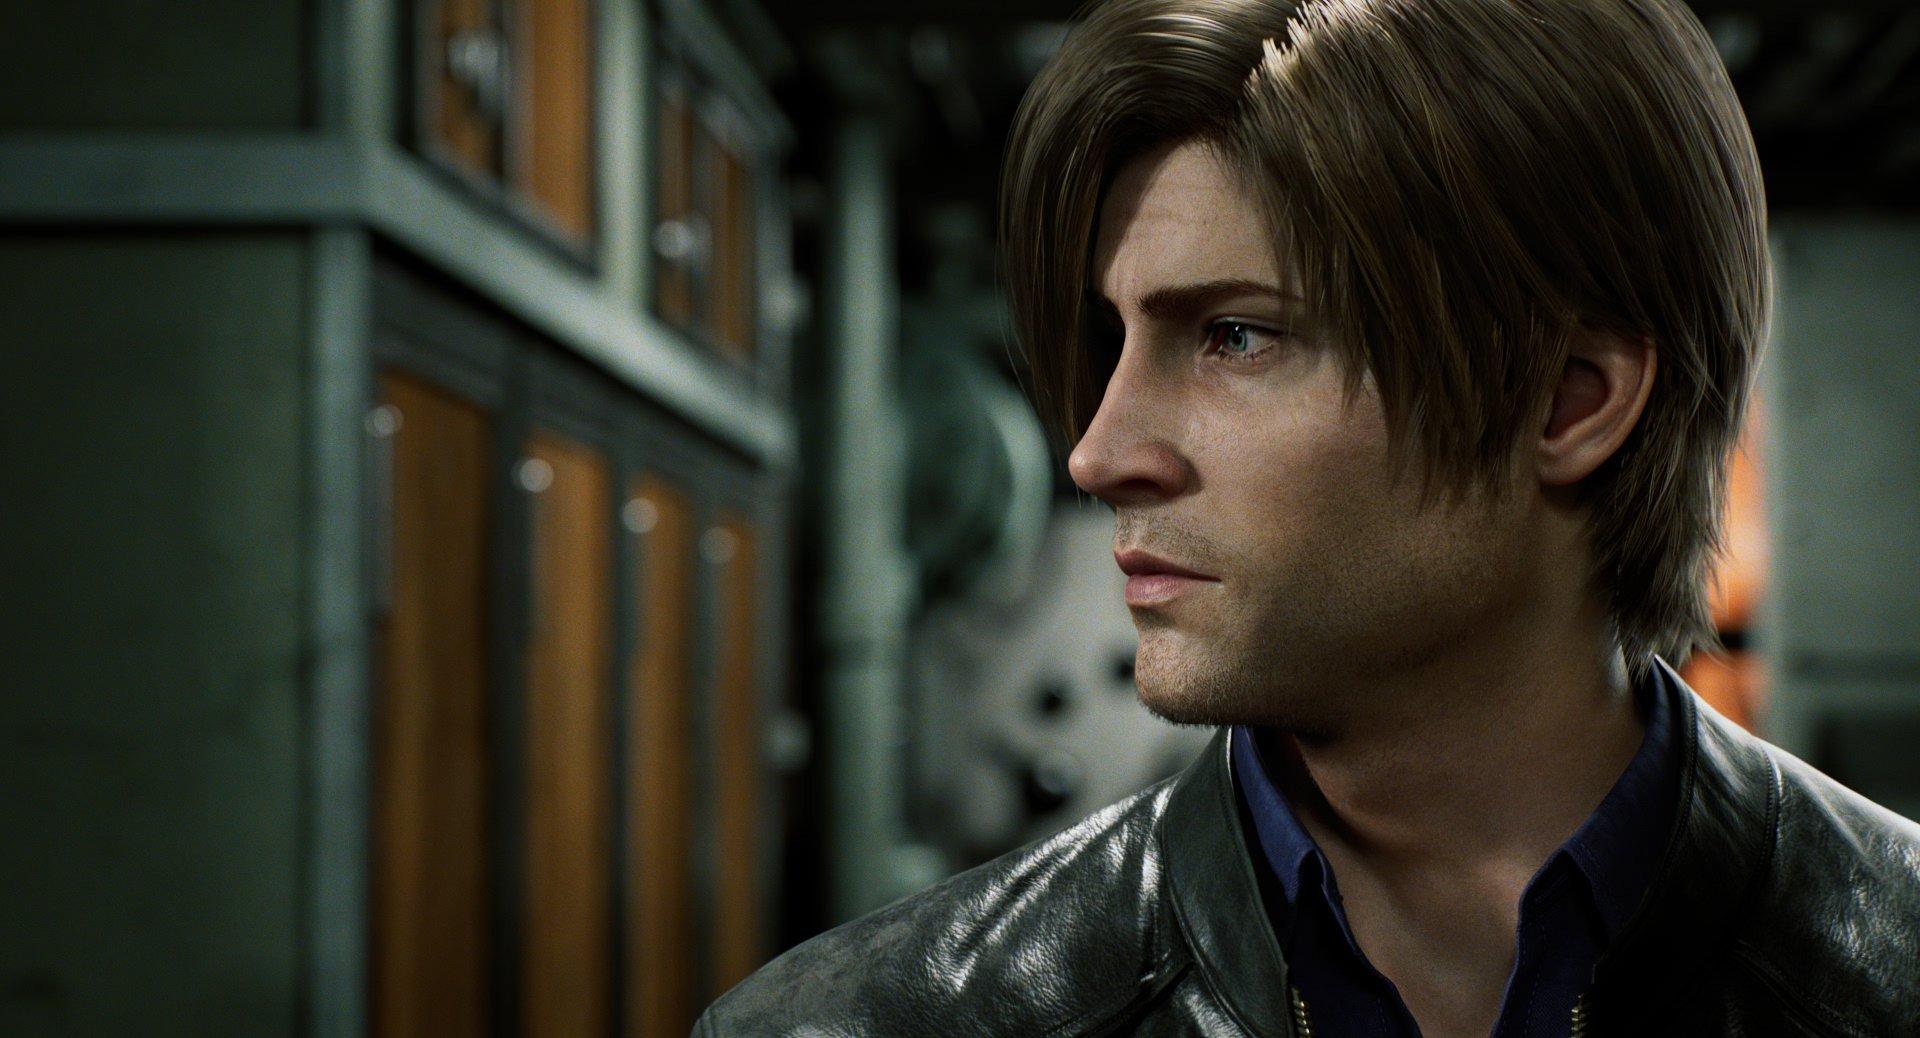 Imagen oficial de Biohazard Infinite Drakness con el protagonista de perfil y al fondo un archivero.